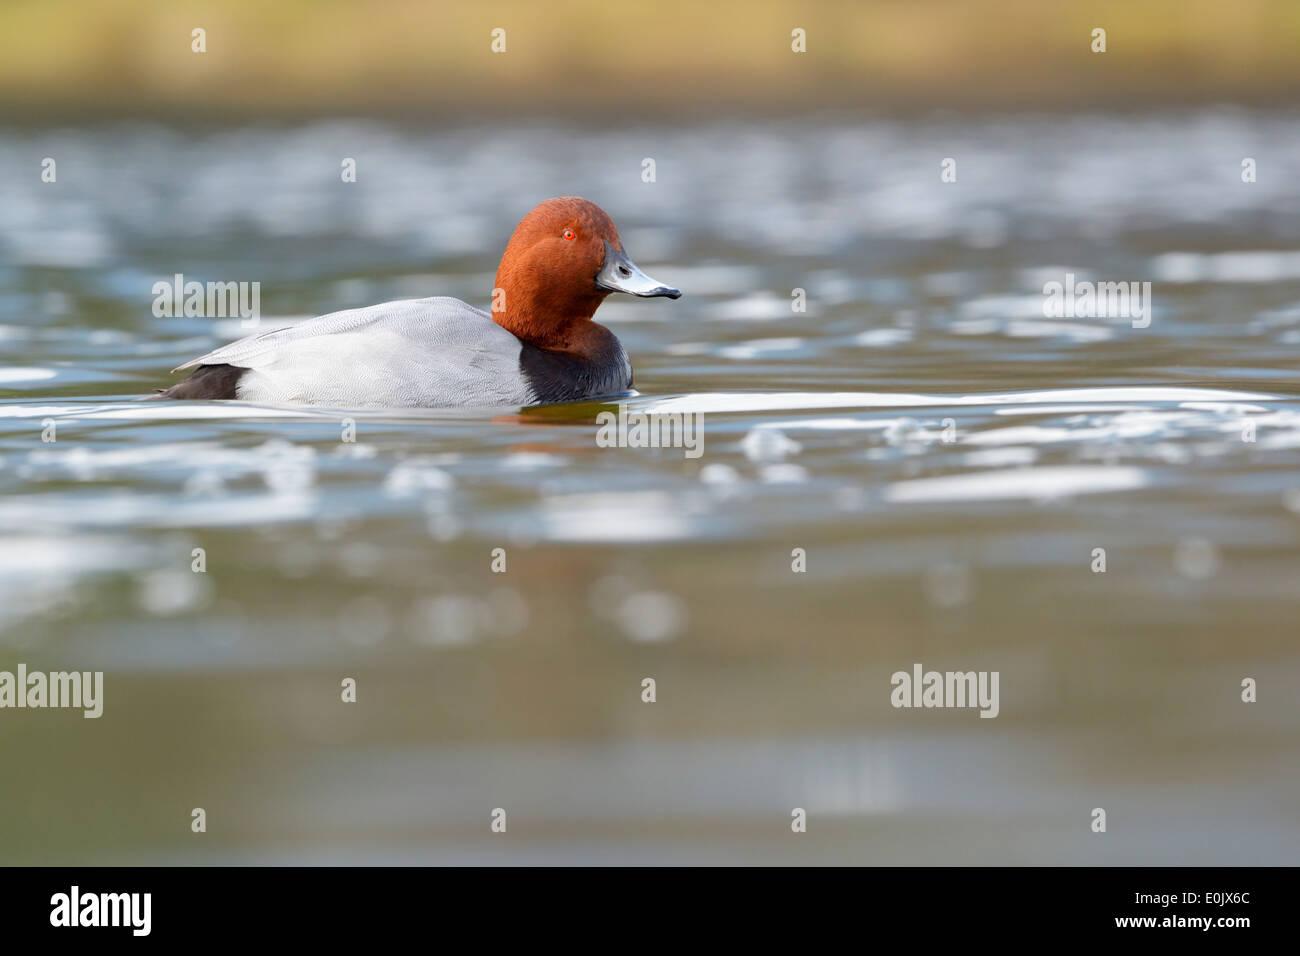 Pochard (Aythya ferina) Drake nuoto in acque con profondità di campo ridotta. Immagini Stock